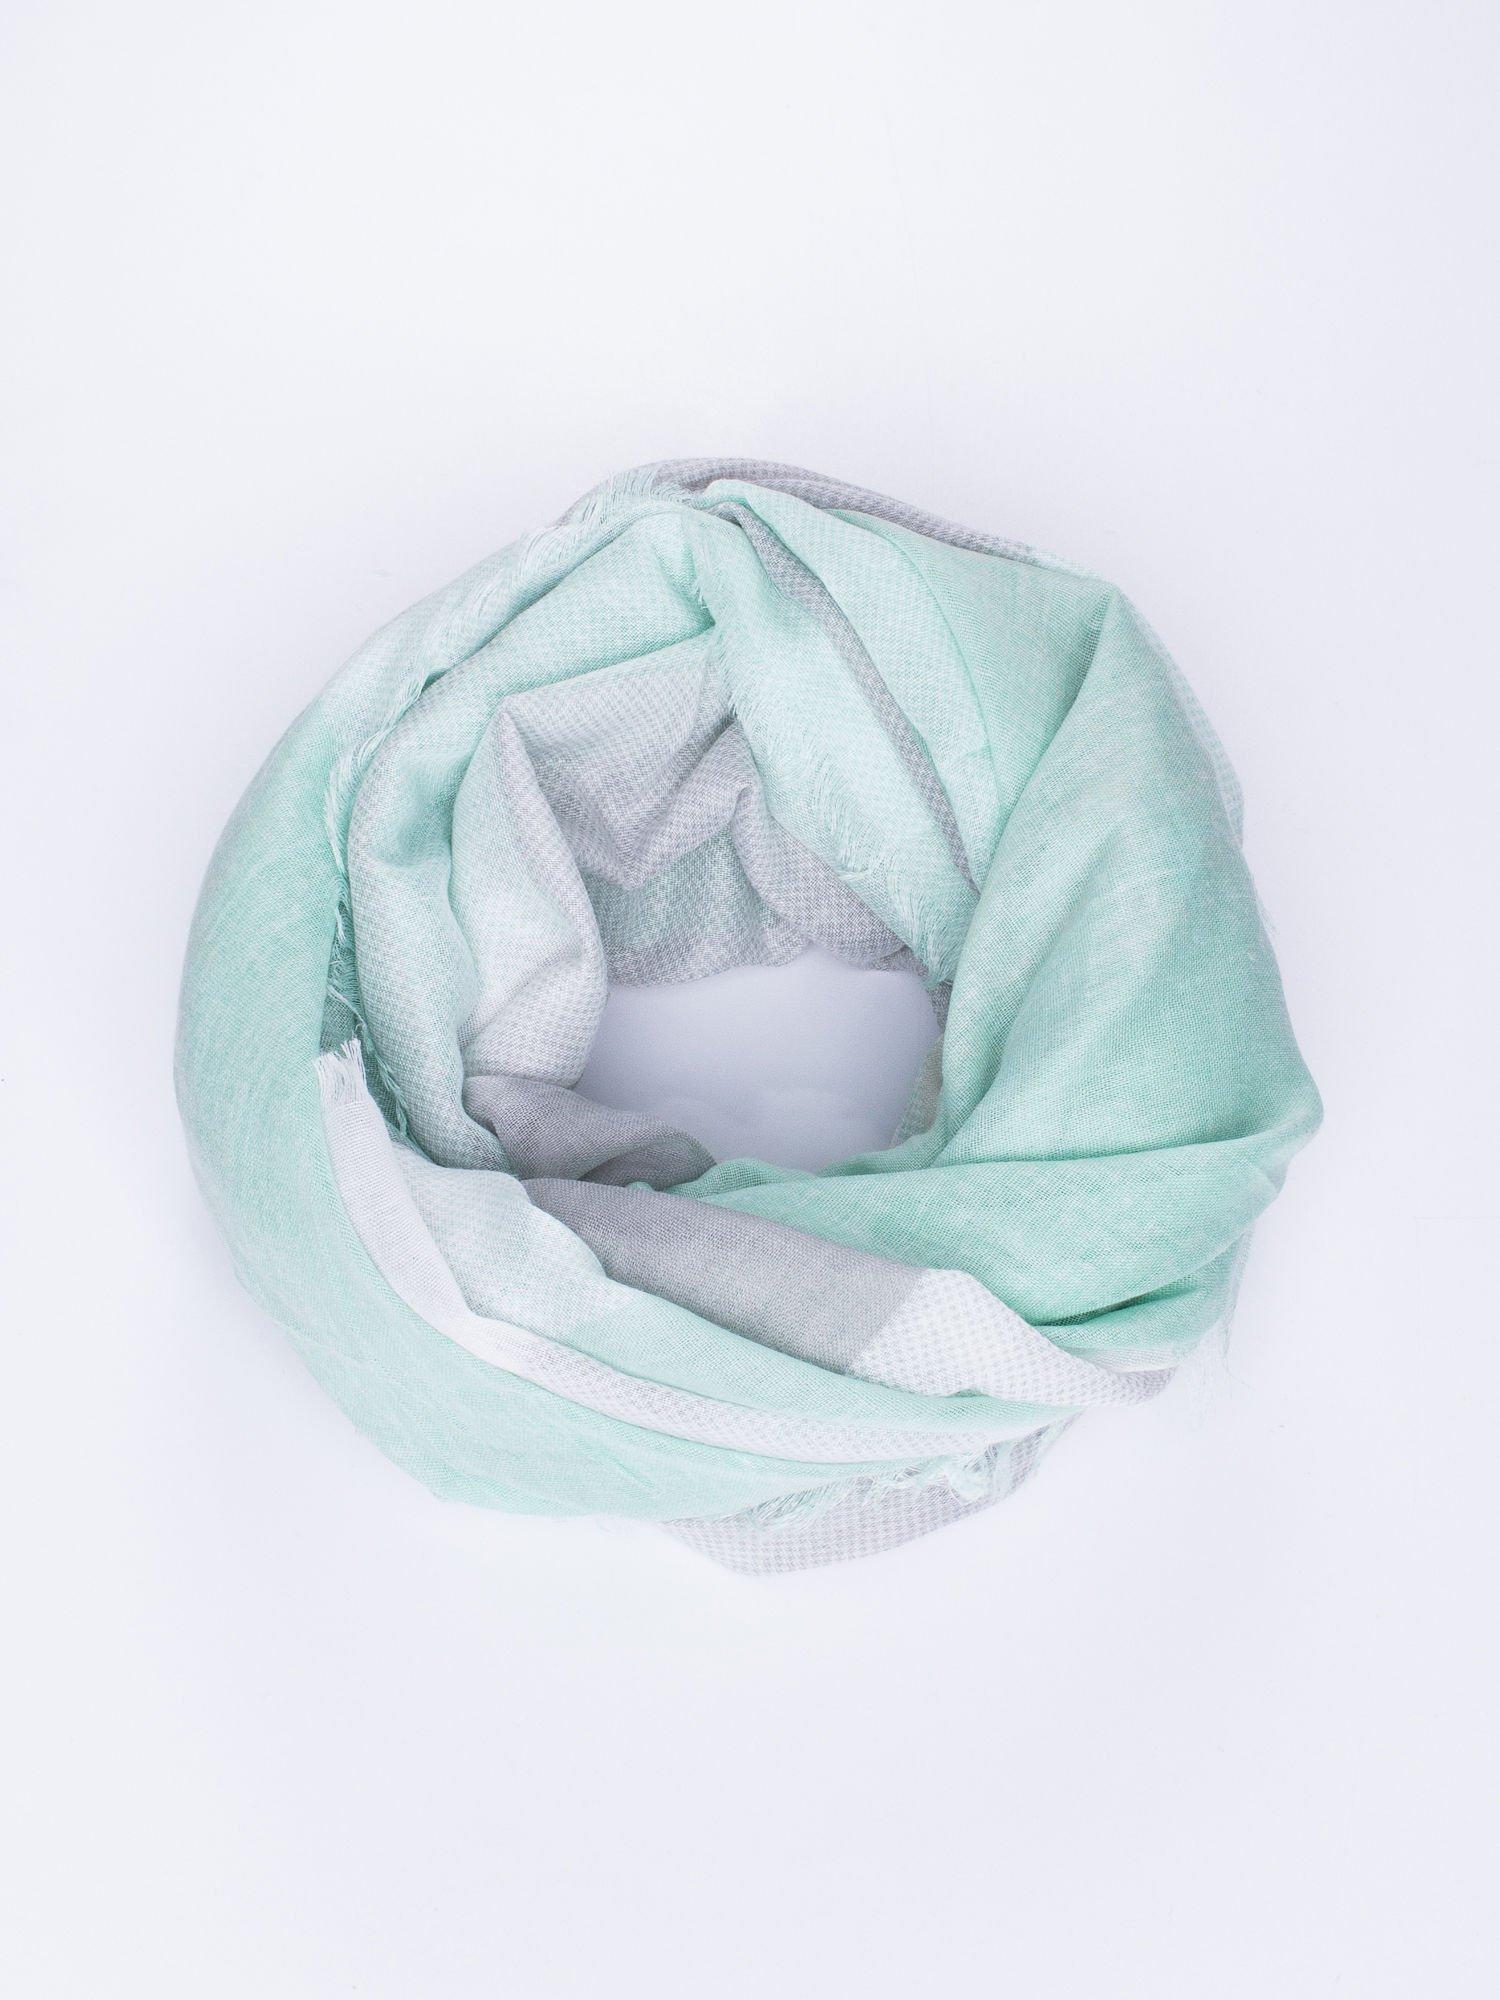 Ciemnozielona bawełniana chusta damska duża w pasy                                  zdj.                                  1